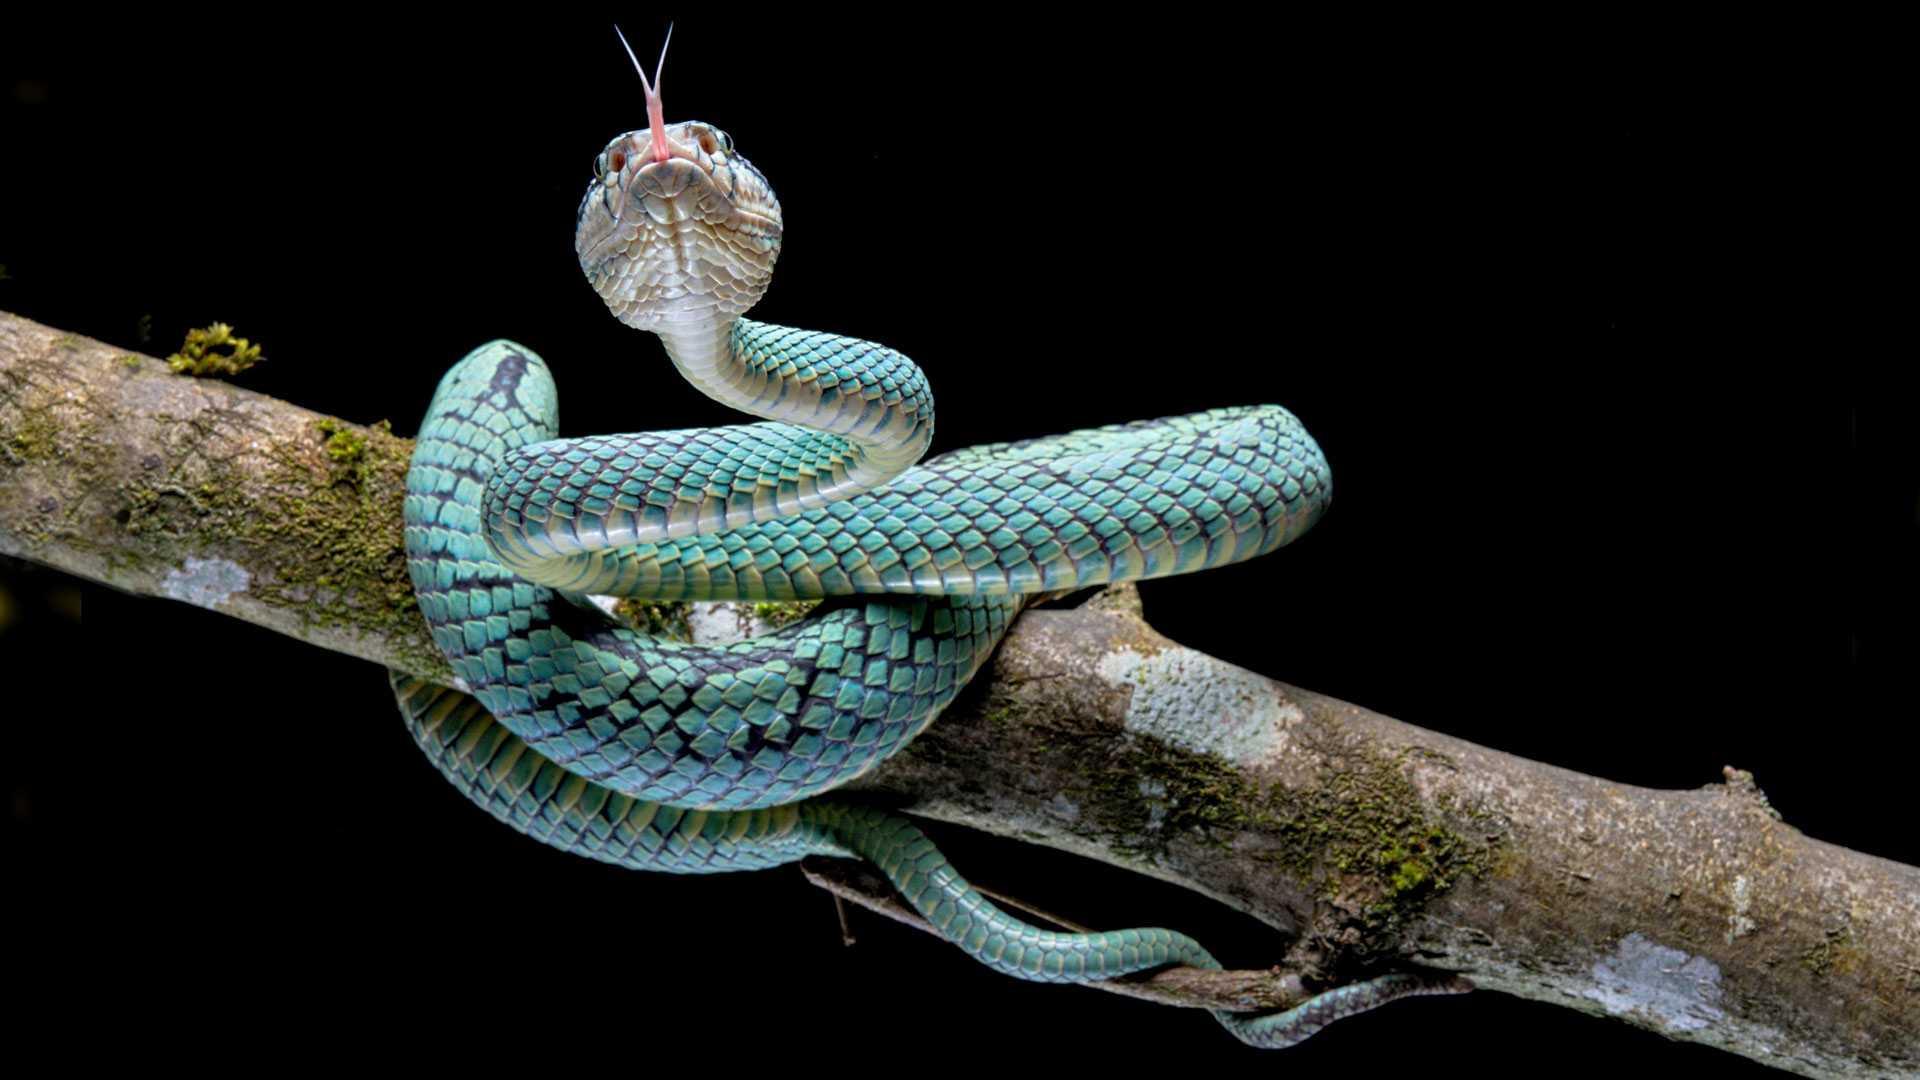 Warum züngeln Schlangen? Warum ist ihre Zunge gespalten?